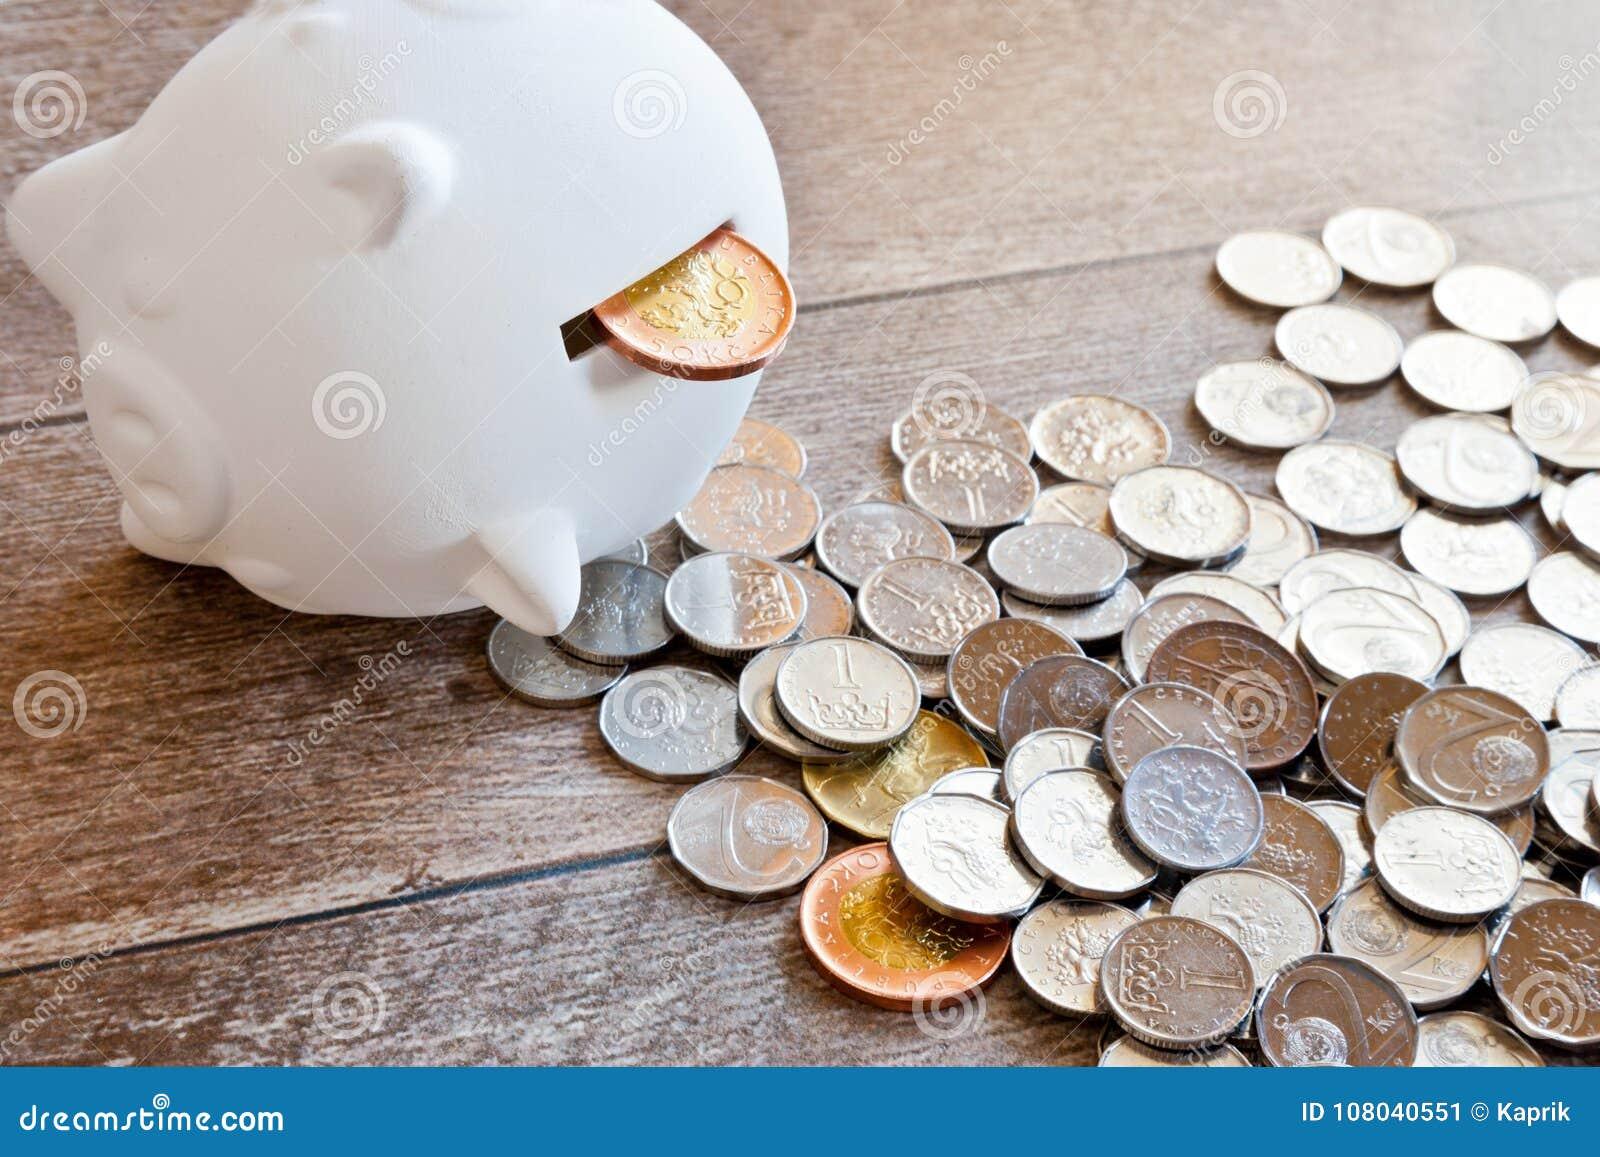 Finanza ed economia ceche - porcellino salvadanaio e corona ceca c soldi